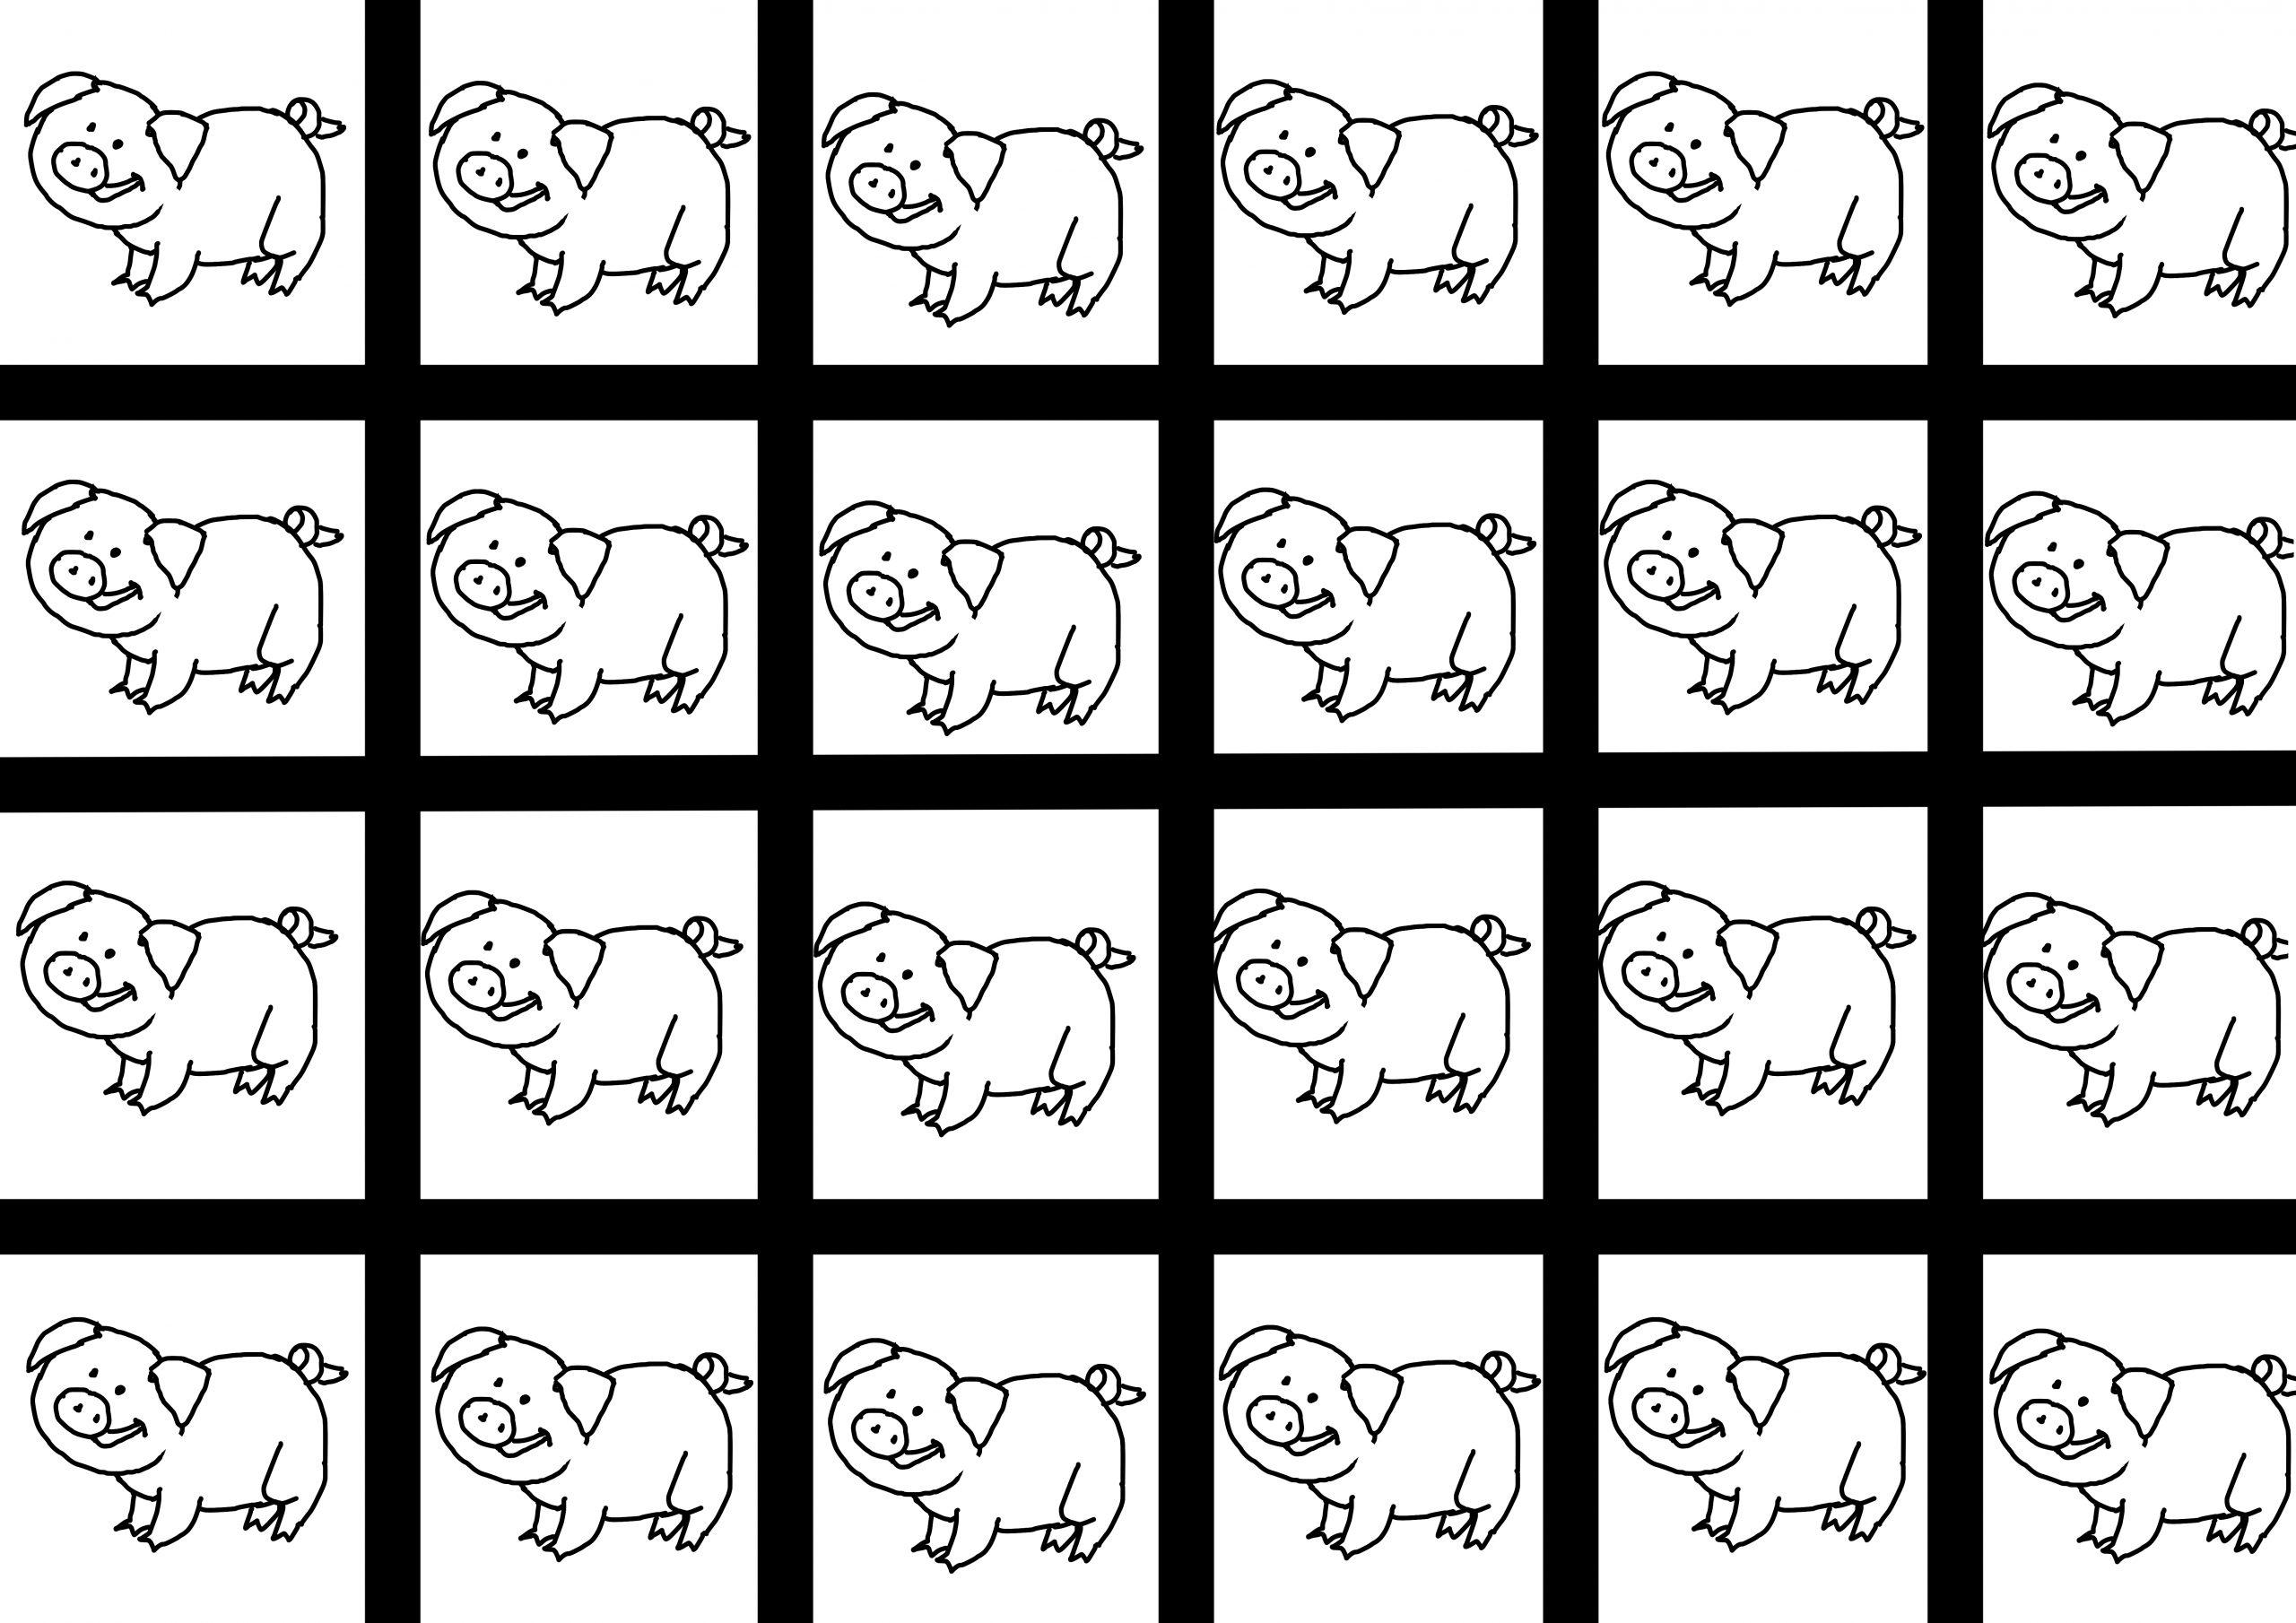 Entrainement Au Découpage Les Trois Petits Cochons – Le Plan B concernant Découpage Maternelle À Imprimer